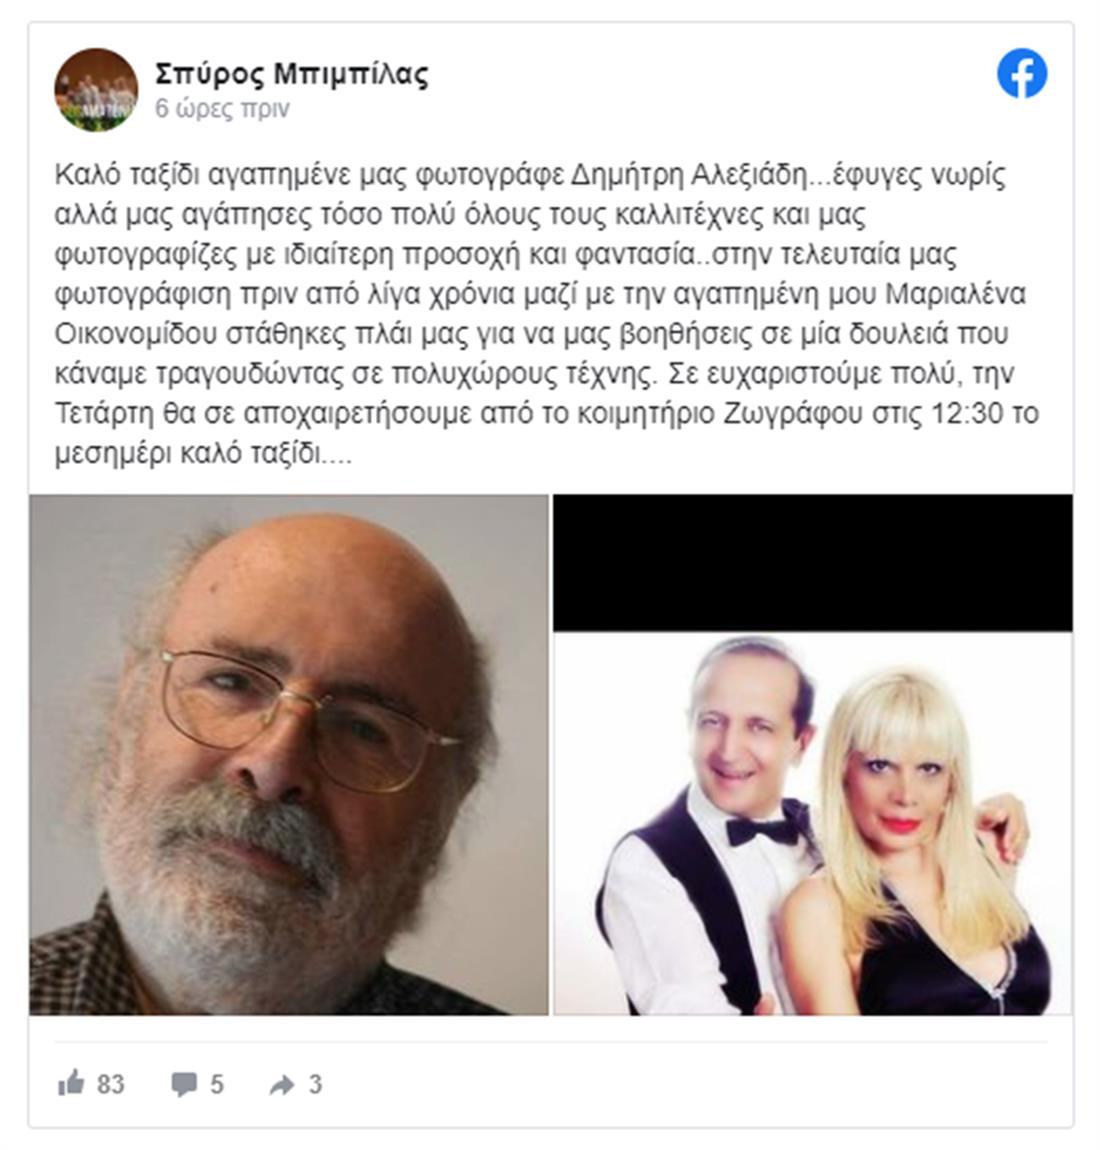 Δημήτρης Αλεξιάδης - Σπύρος Μπιμπίλας